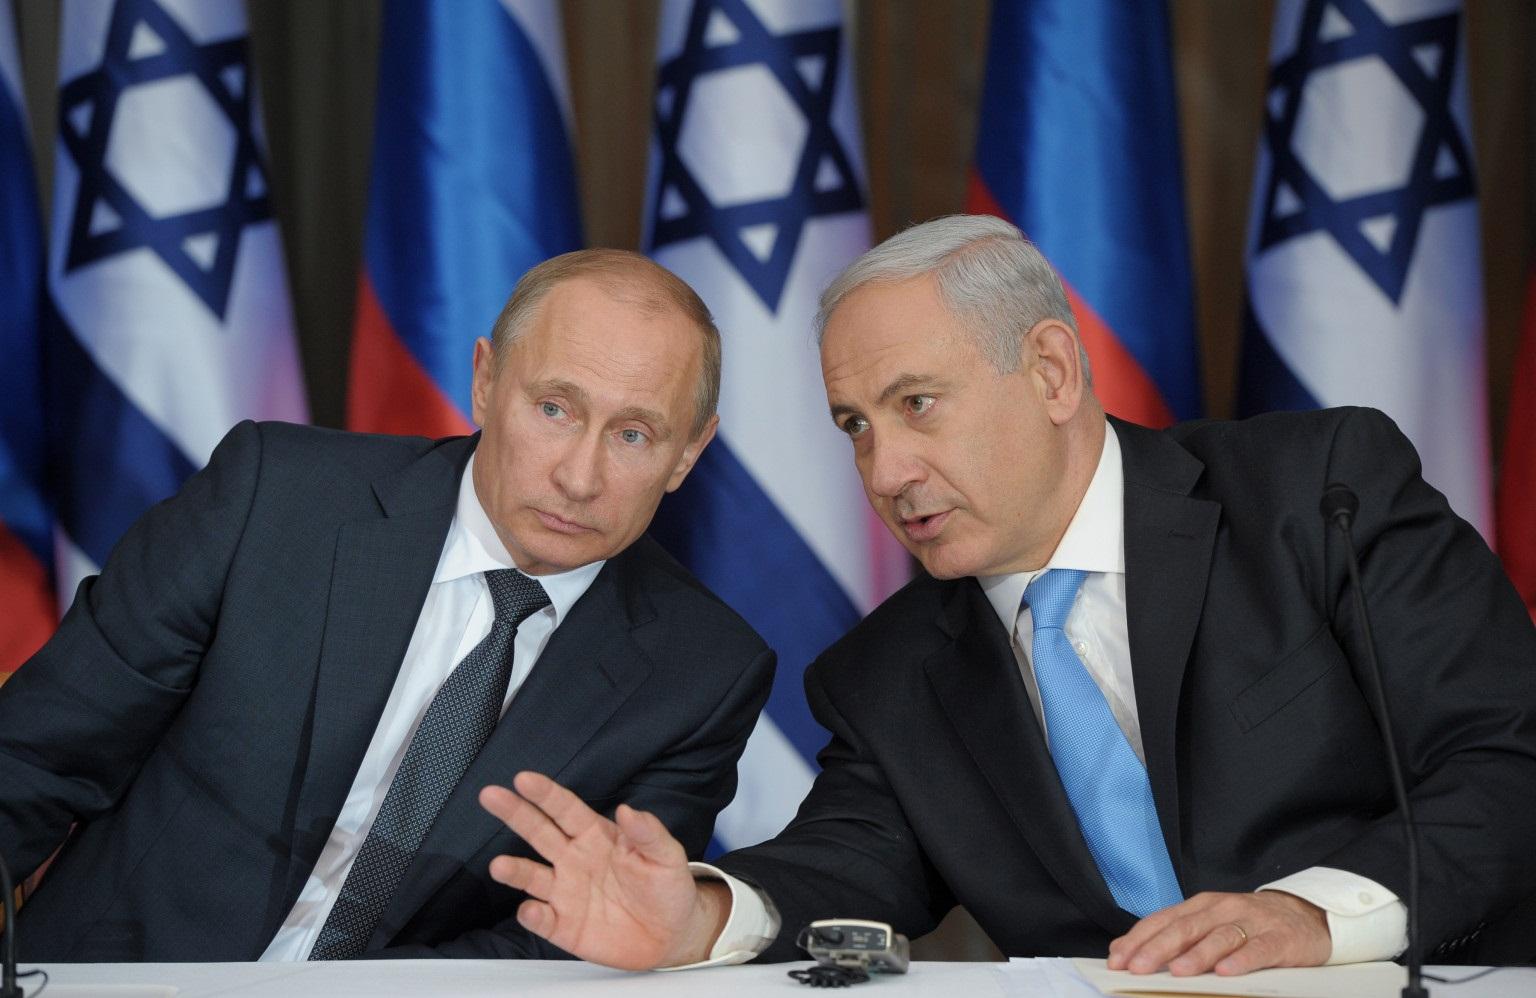 مصادر اسرائيلية : نتنياهو سيلتقي الرئيس الروسي بوتين الإسبوع القادم